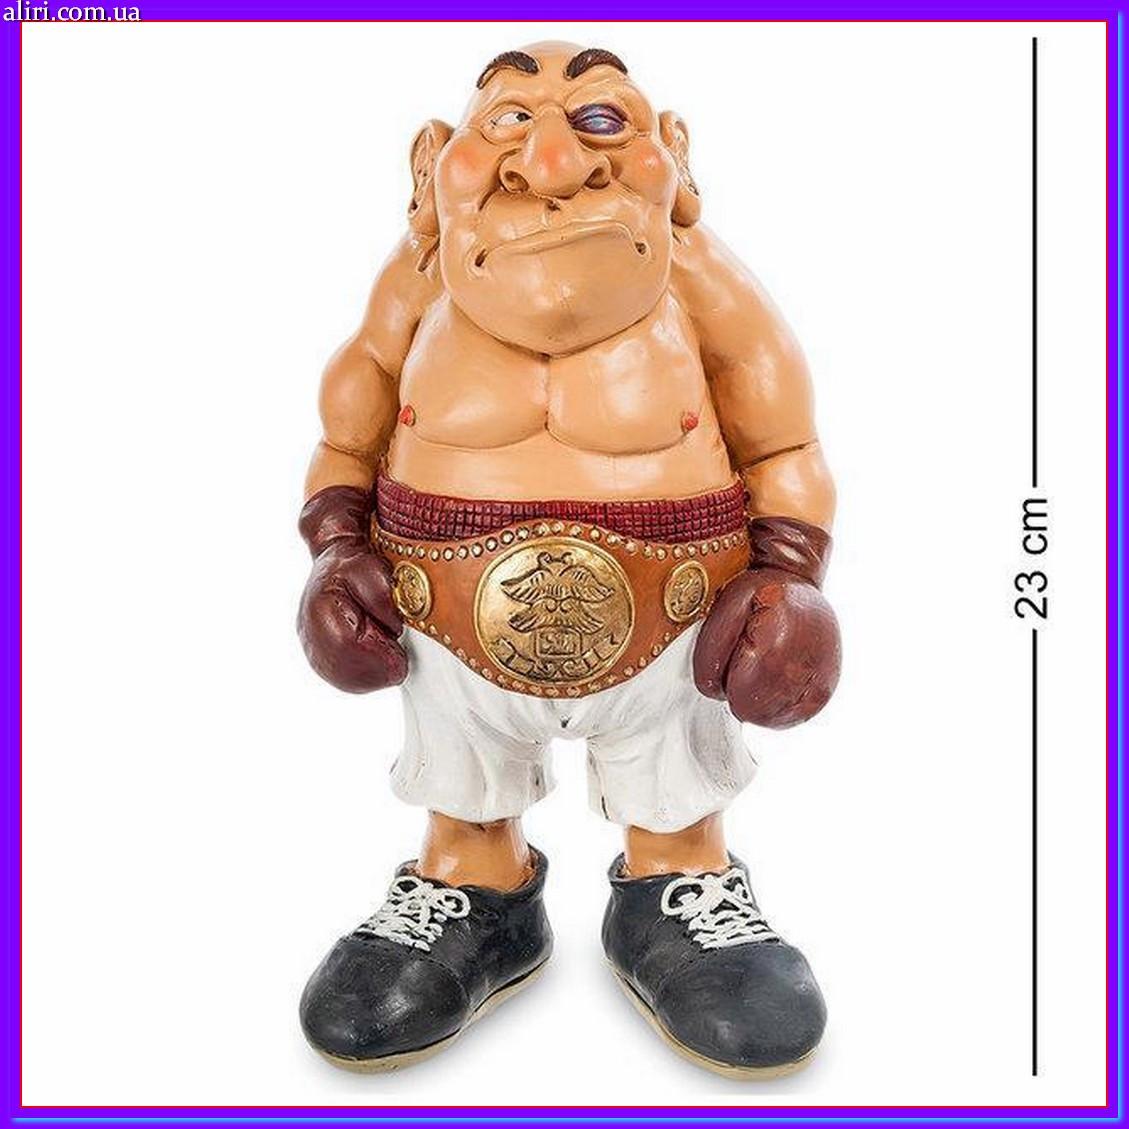 Статуэтка Боксер 22 см W.Stratford, прикольный подарок спортсмену